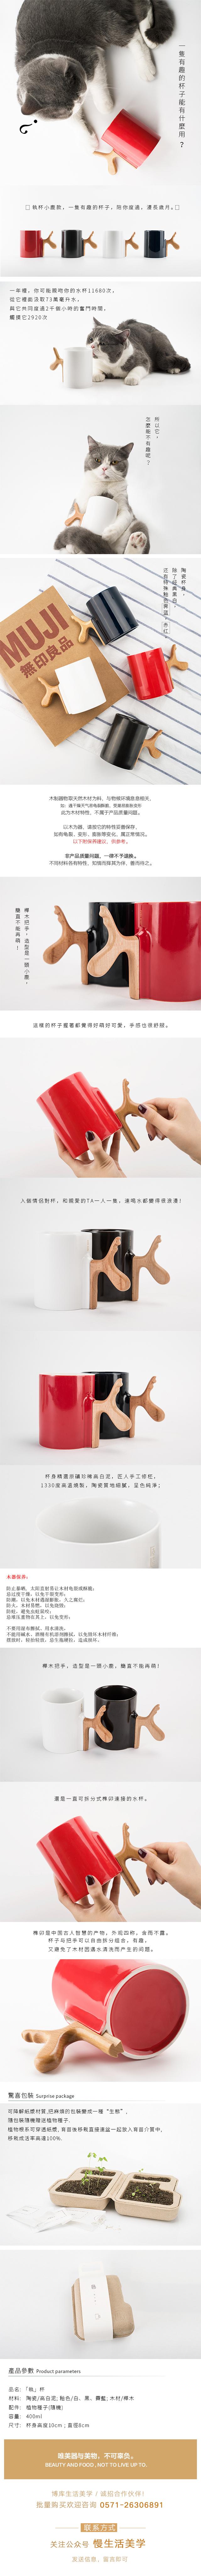 20170413执杯-小鹿.jpg